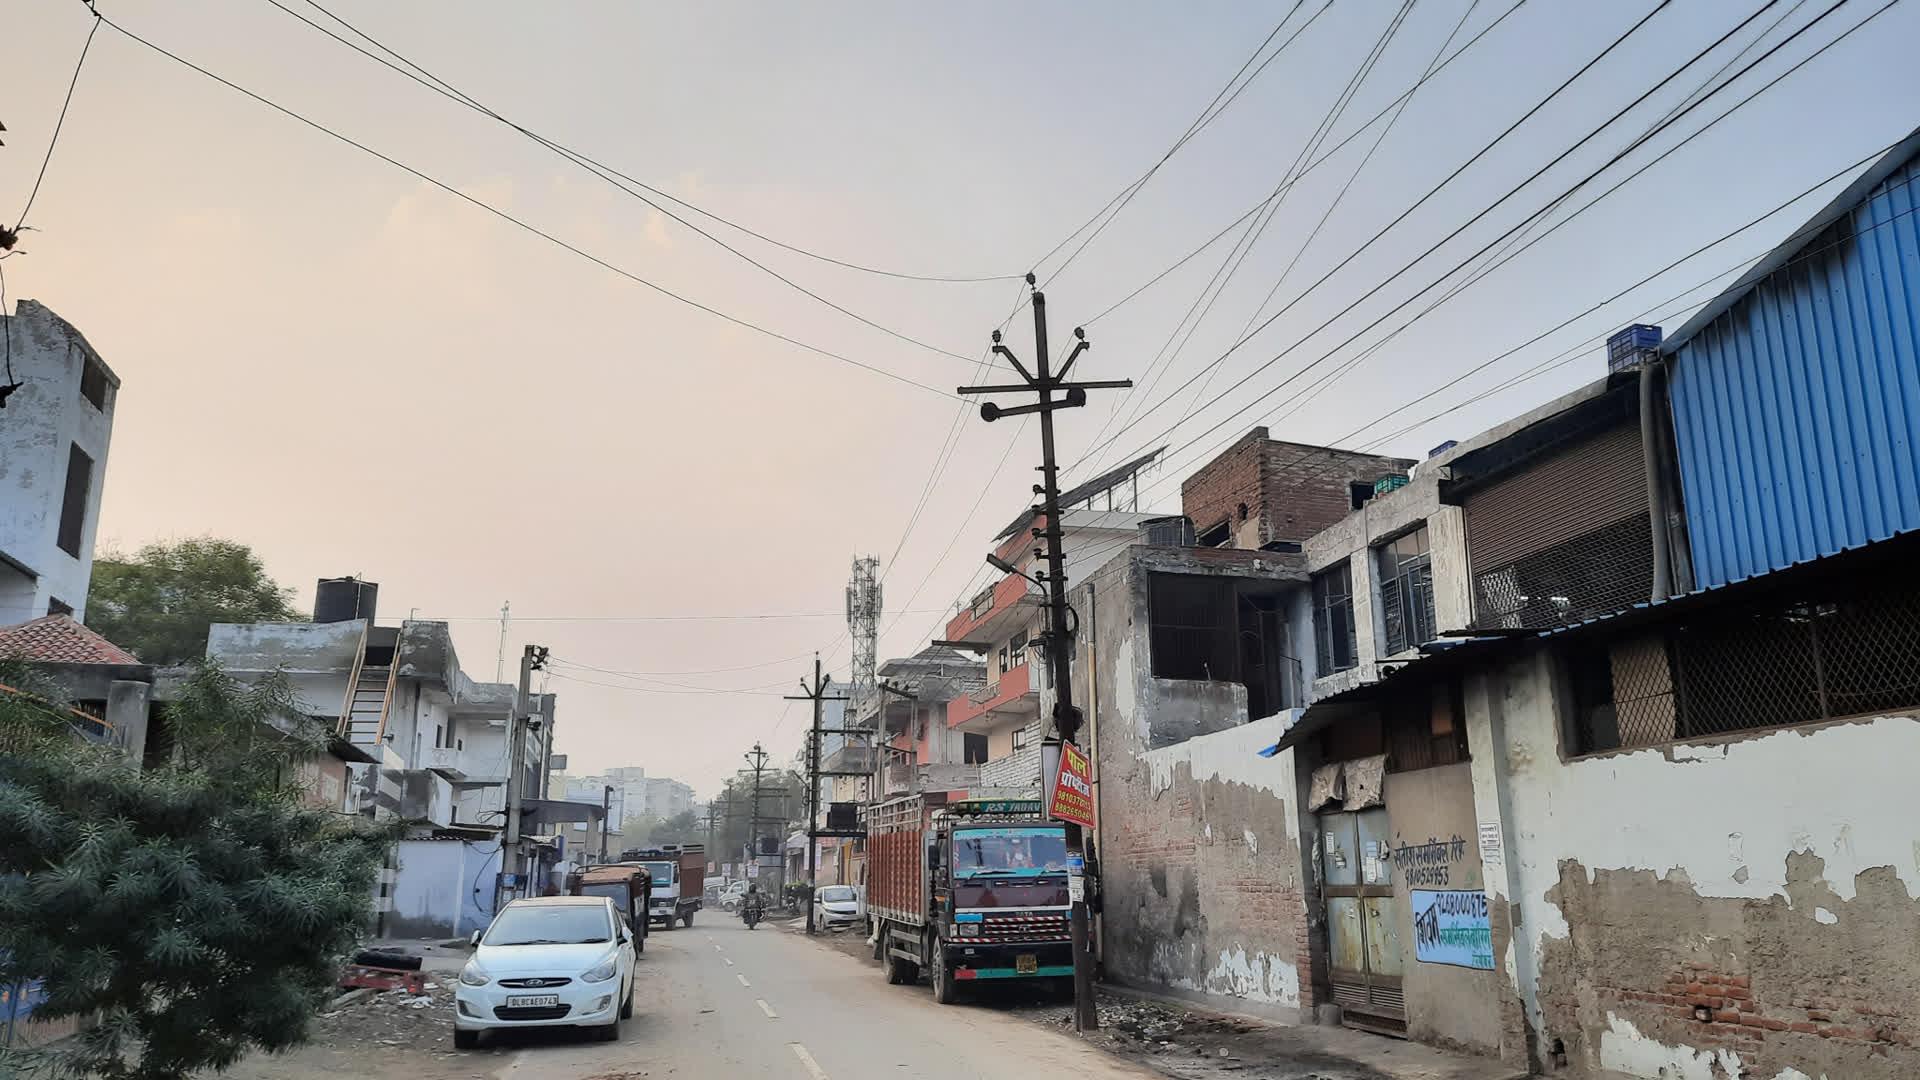 Sahibabad Industrial Area